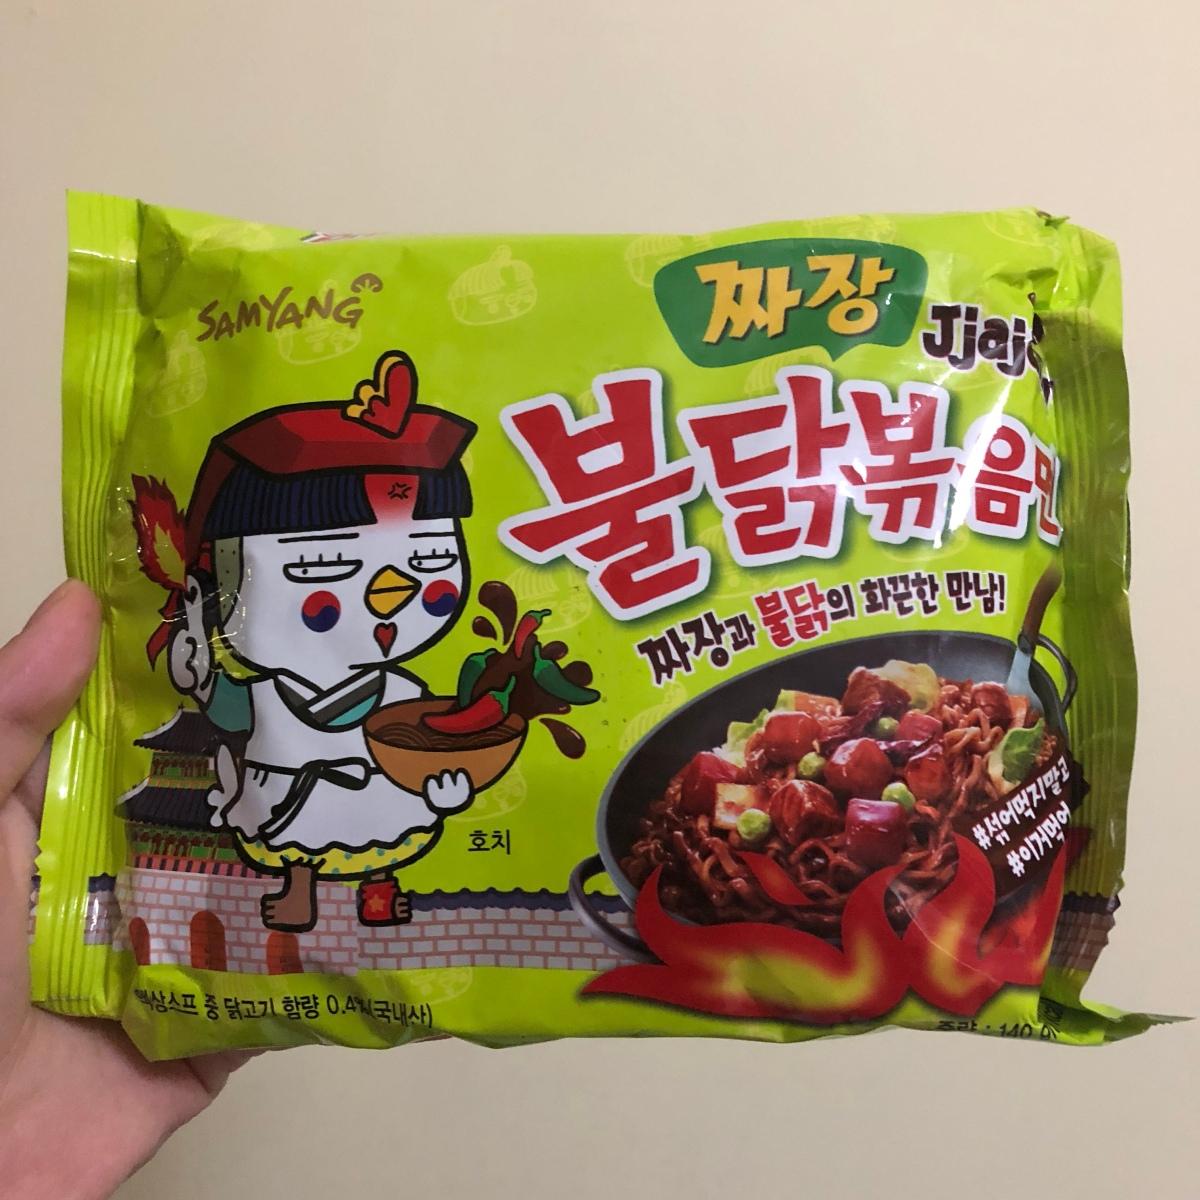 Samyang Jjajang Review